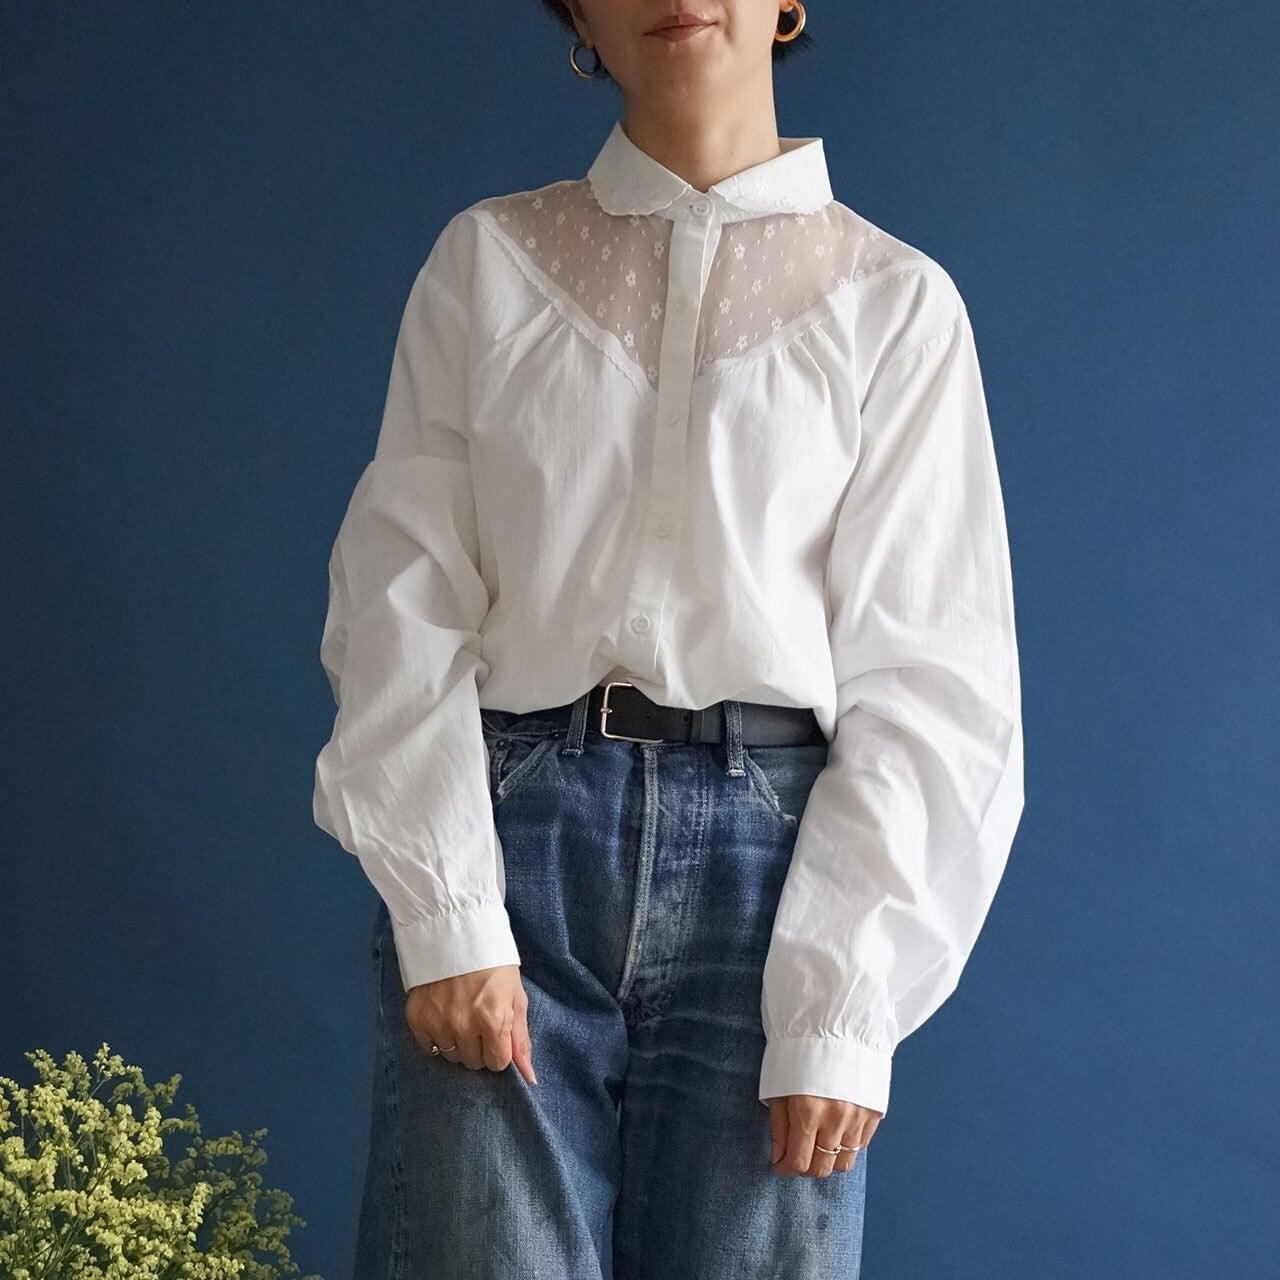 【送料無料】 Vintage white cotton blouse with tulle yoke(アンティーク 古着 チュール ヨーク ブラウス)